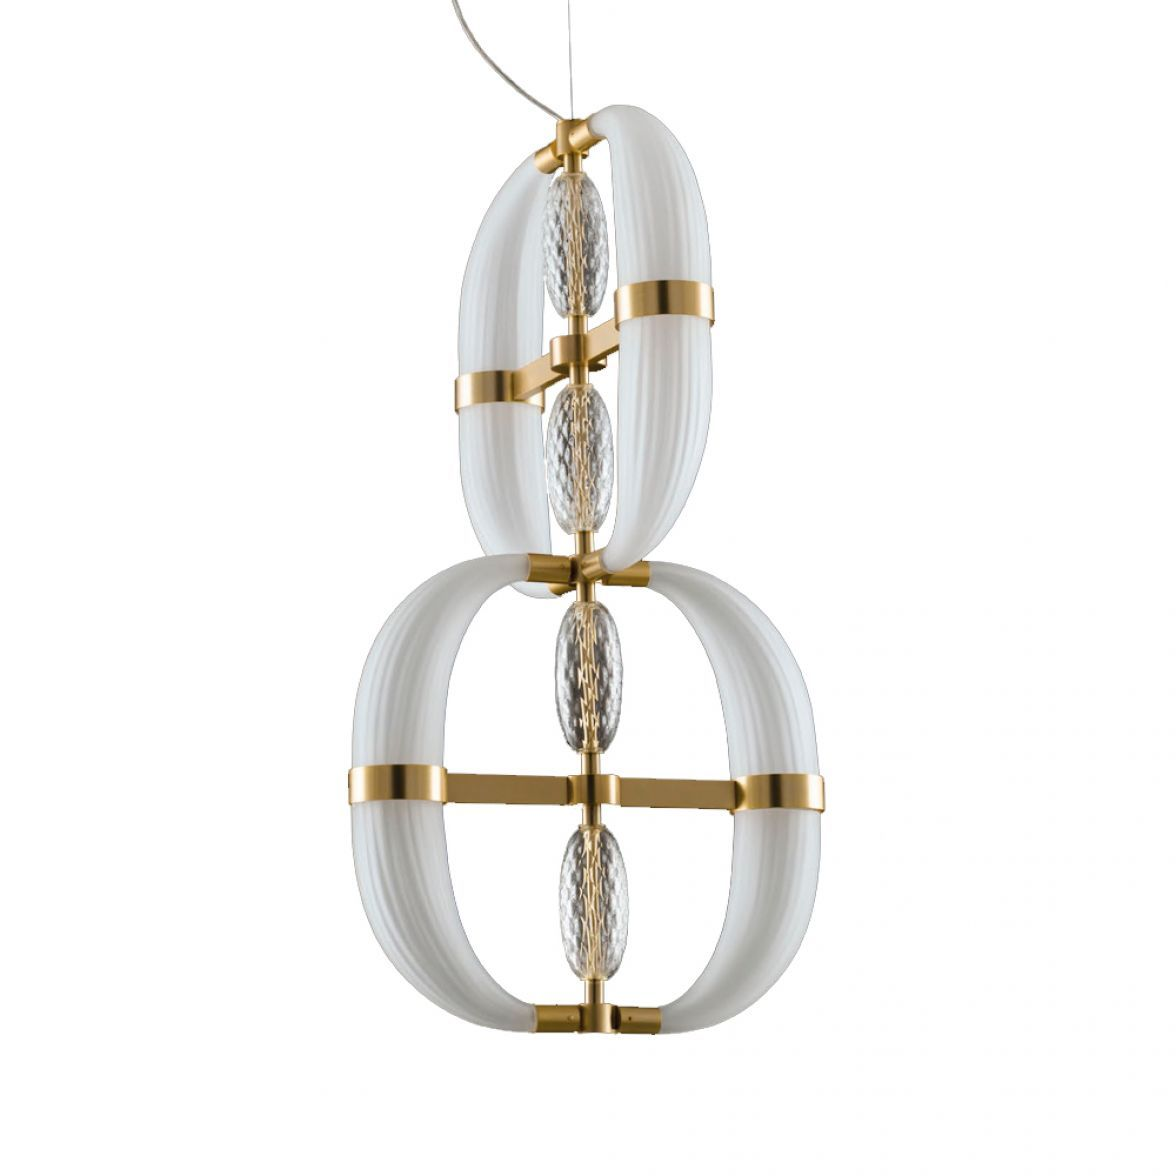 Coup-De-Foudre chandelier